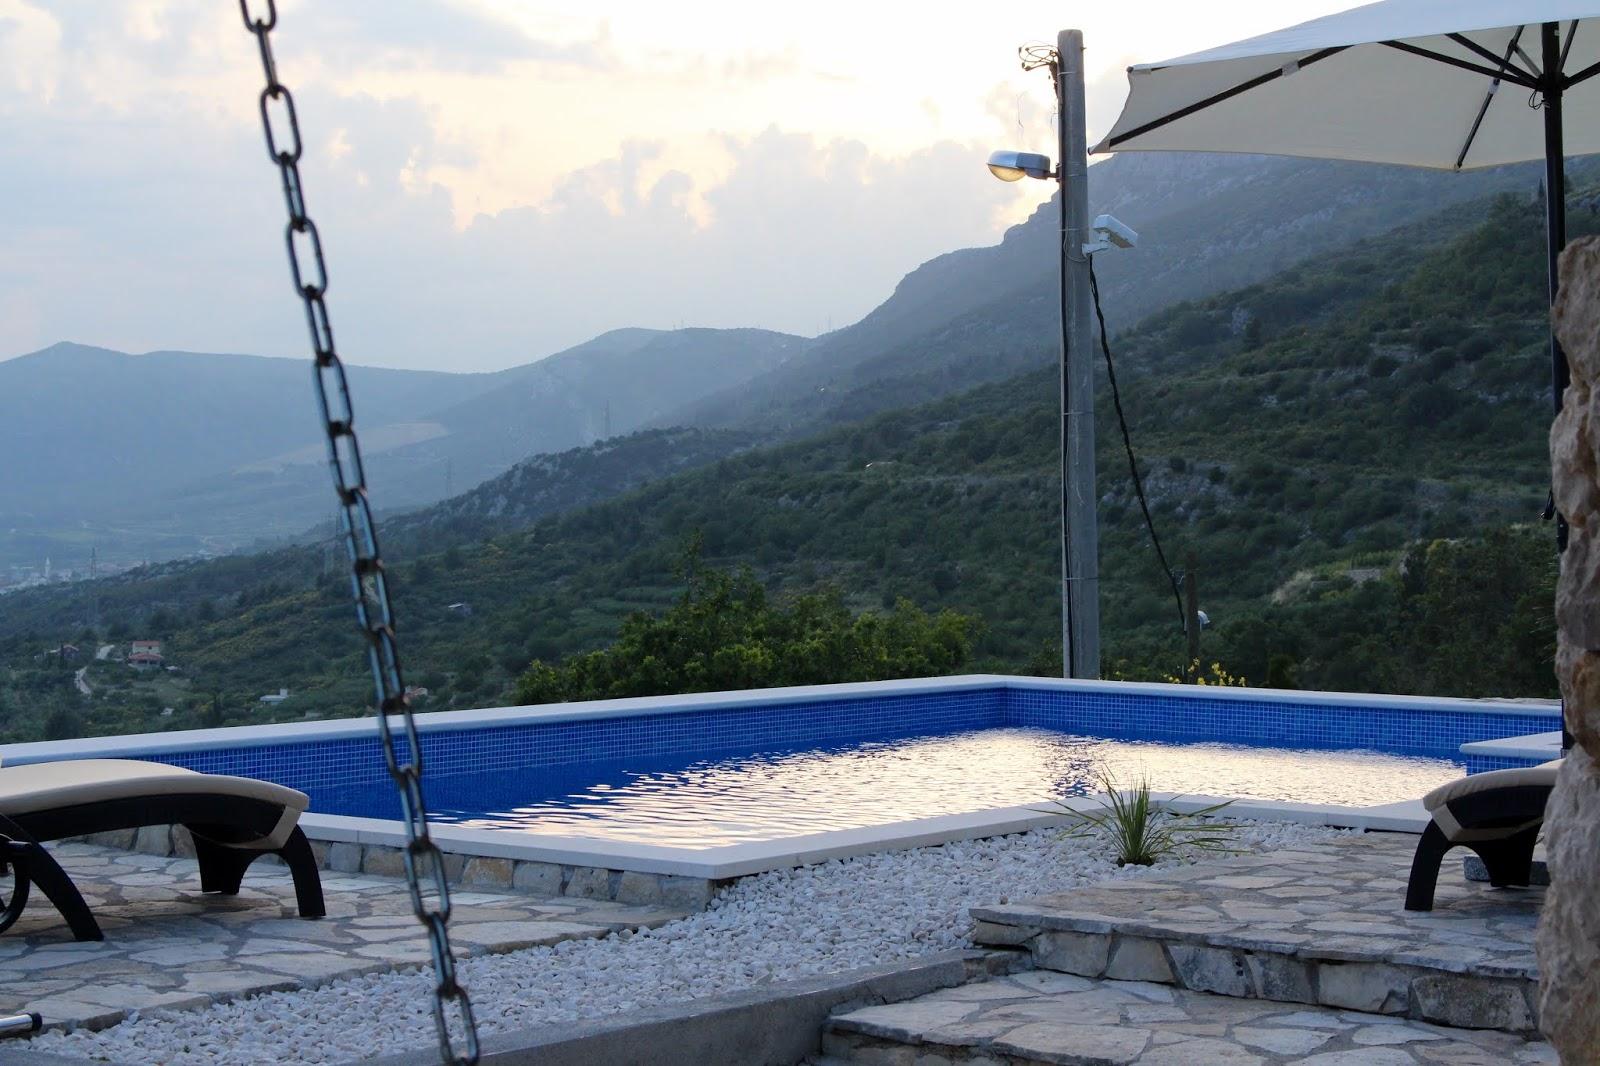 Die Aussicht vom Daybed auf das Kozjak-Gebirge hinter der Villa Hill View, Kroatien